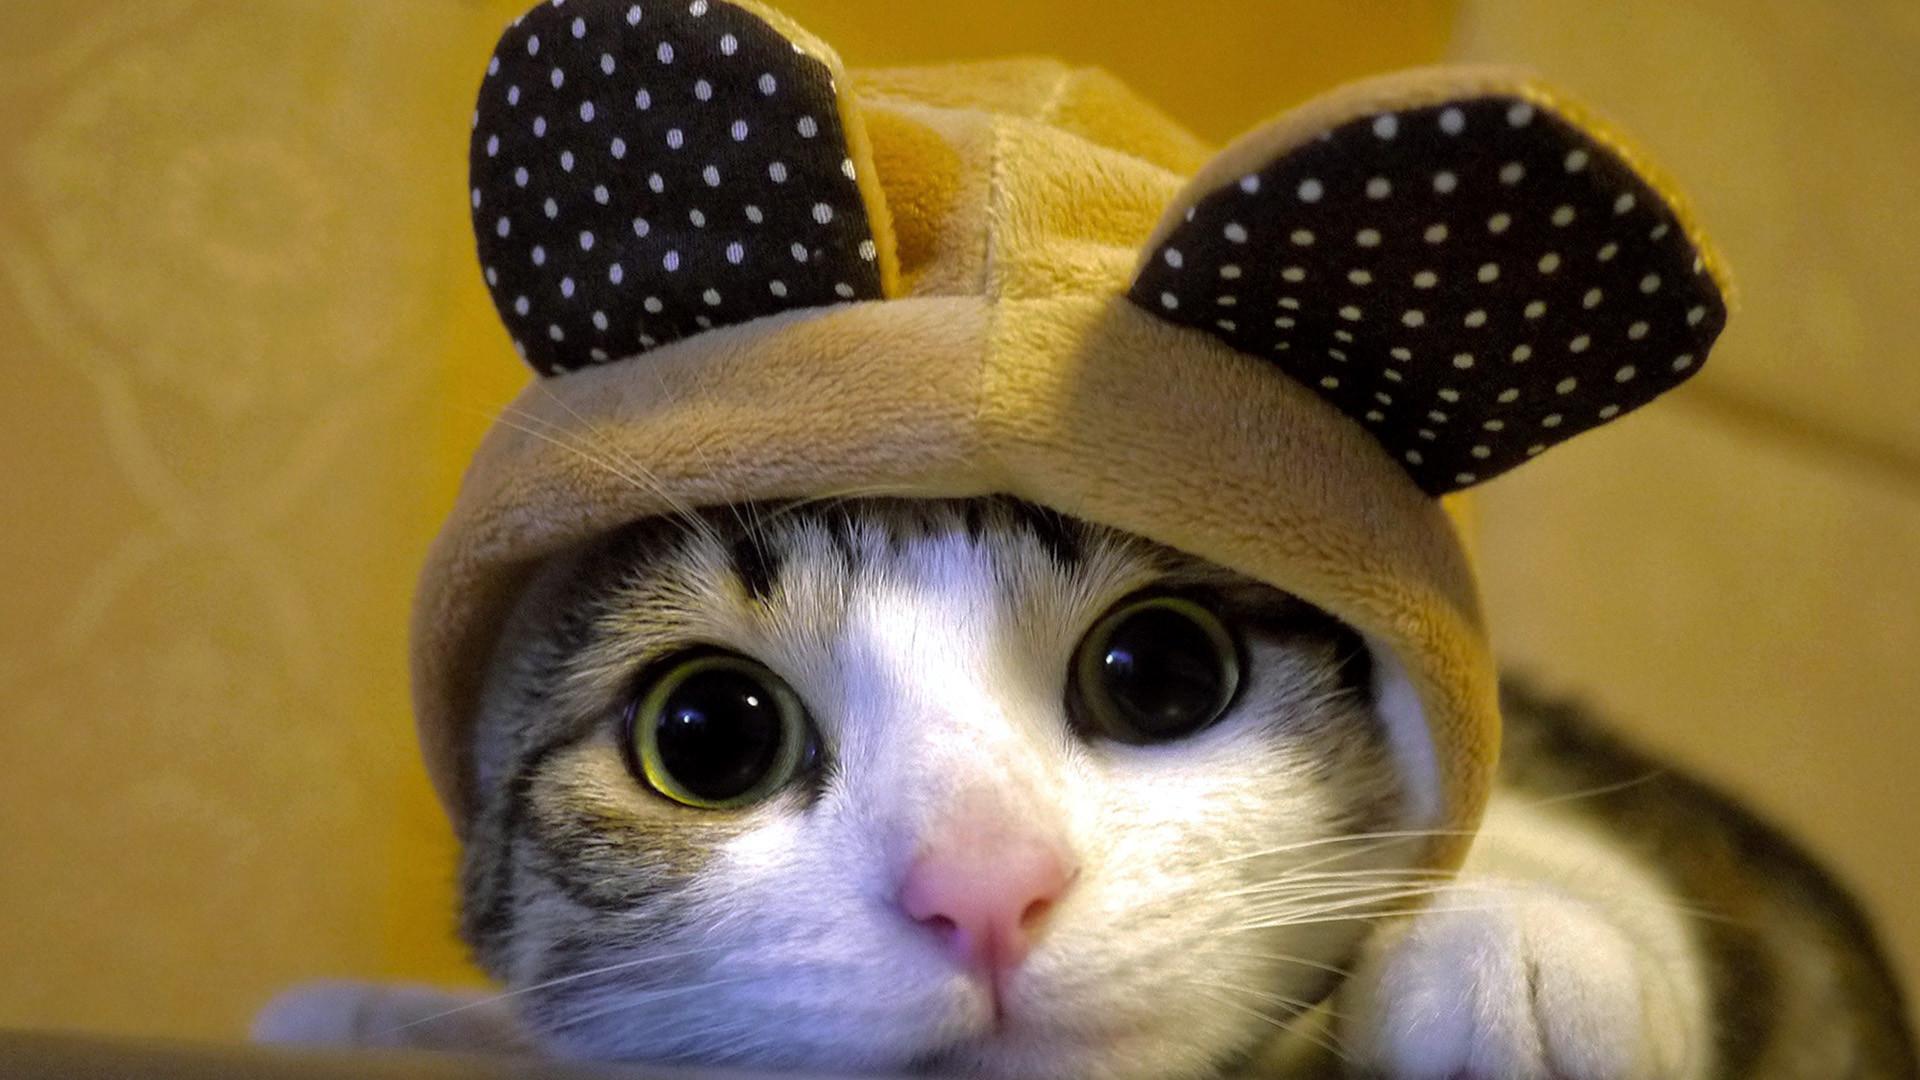 cute cats wallpaper ·①